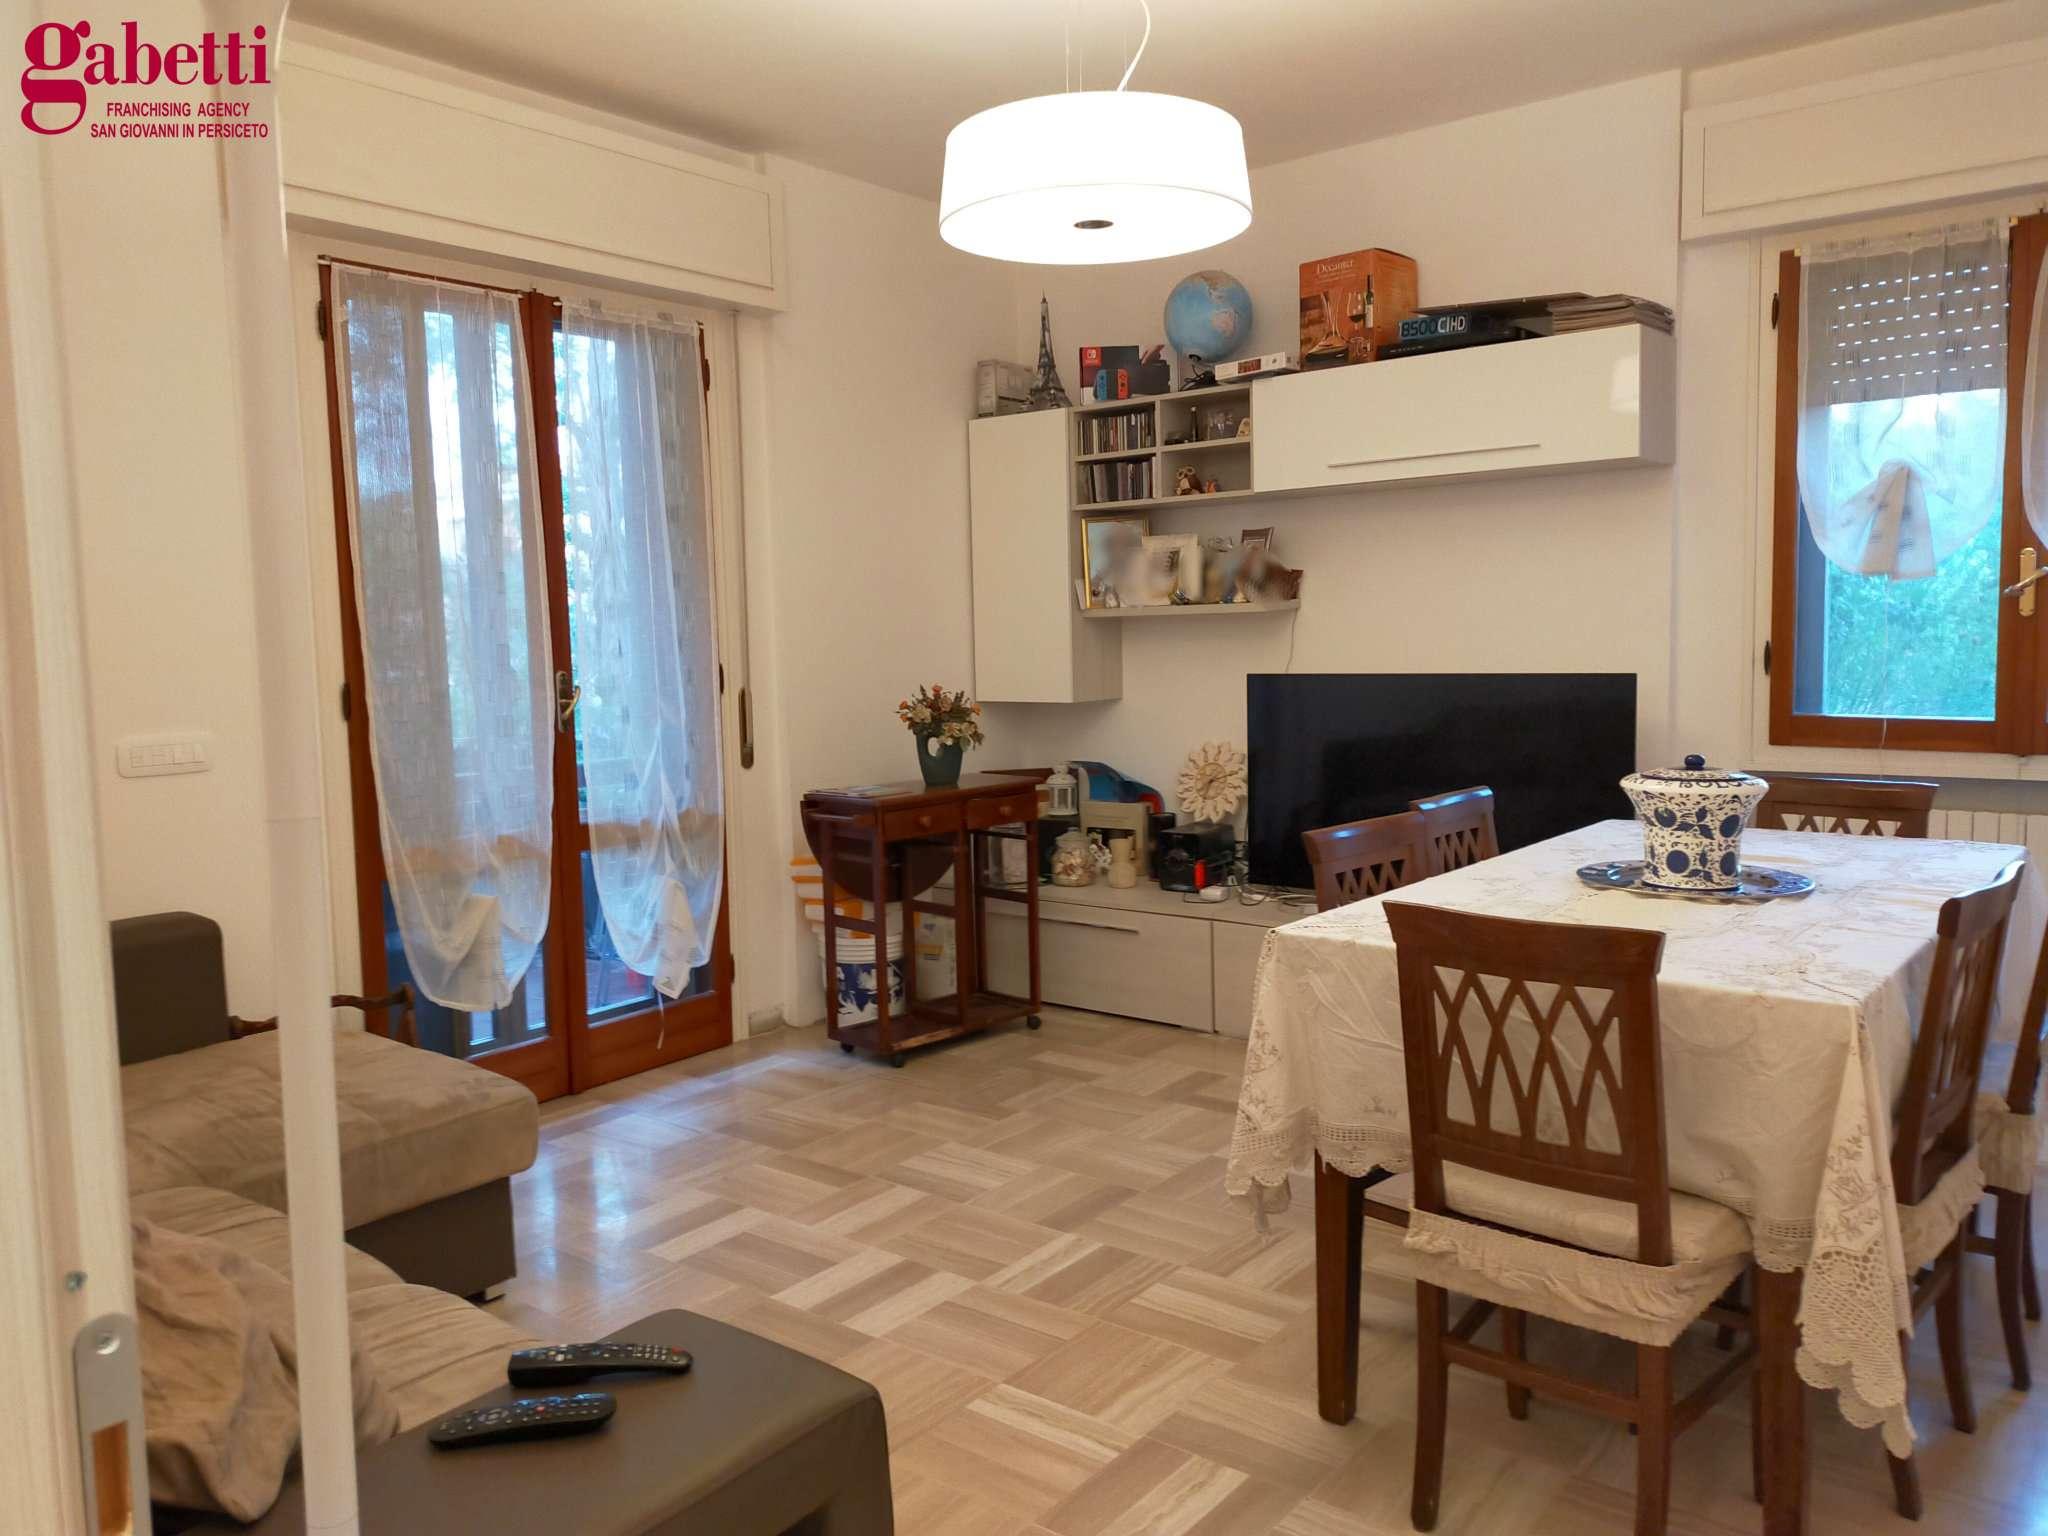 Immobile a San Giovanni in Persiceto